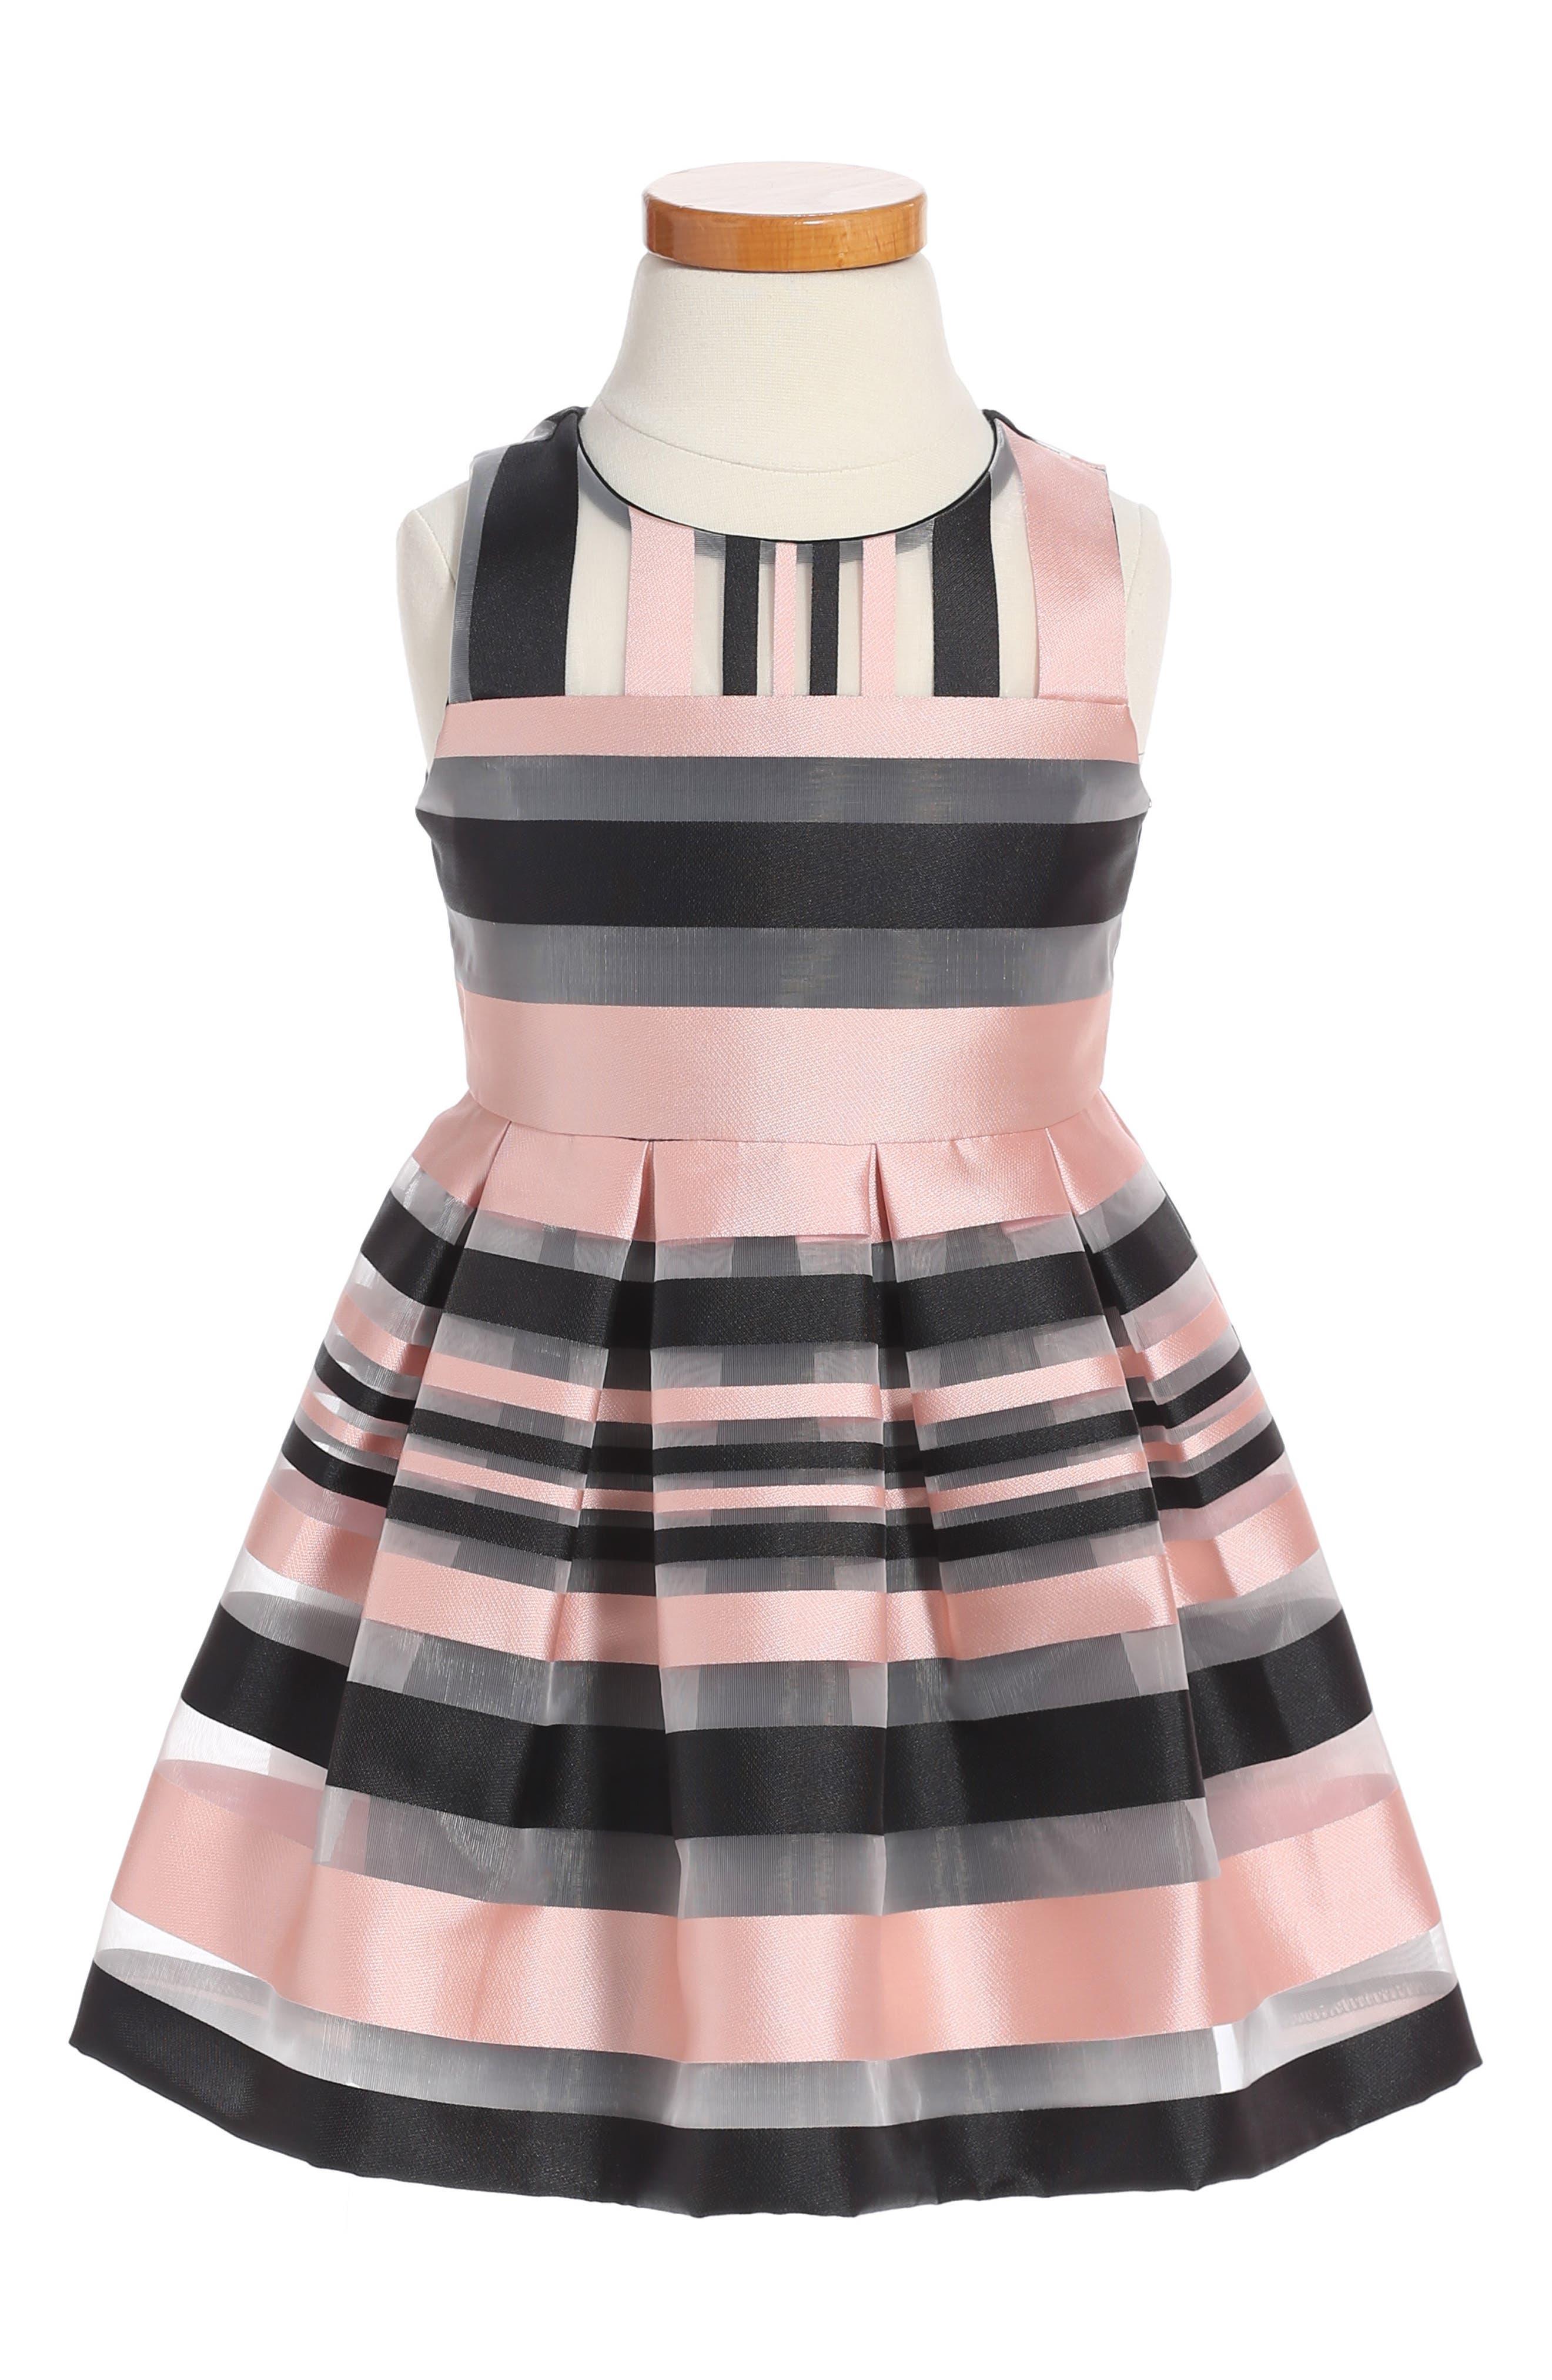 Illusion Stripe Sleeveless Dress,                             Main thumbnail 1, color,                             Blush/ Black